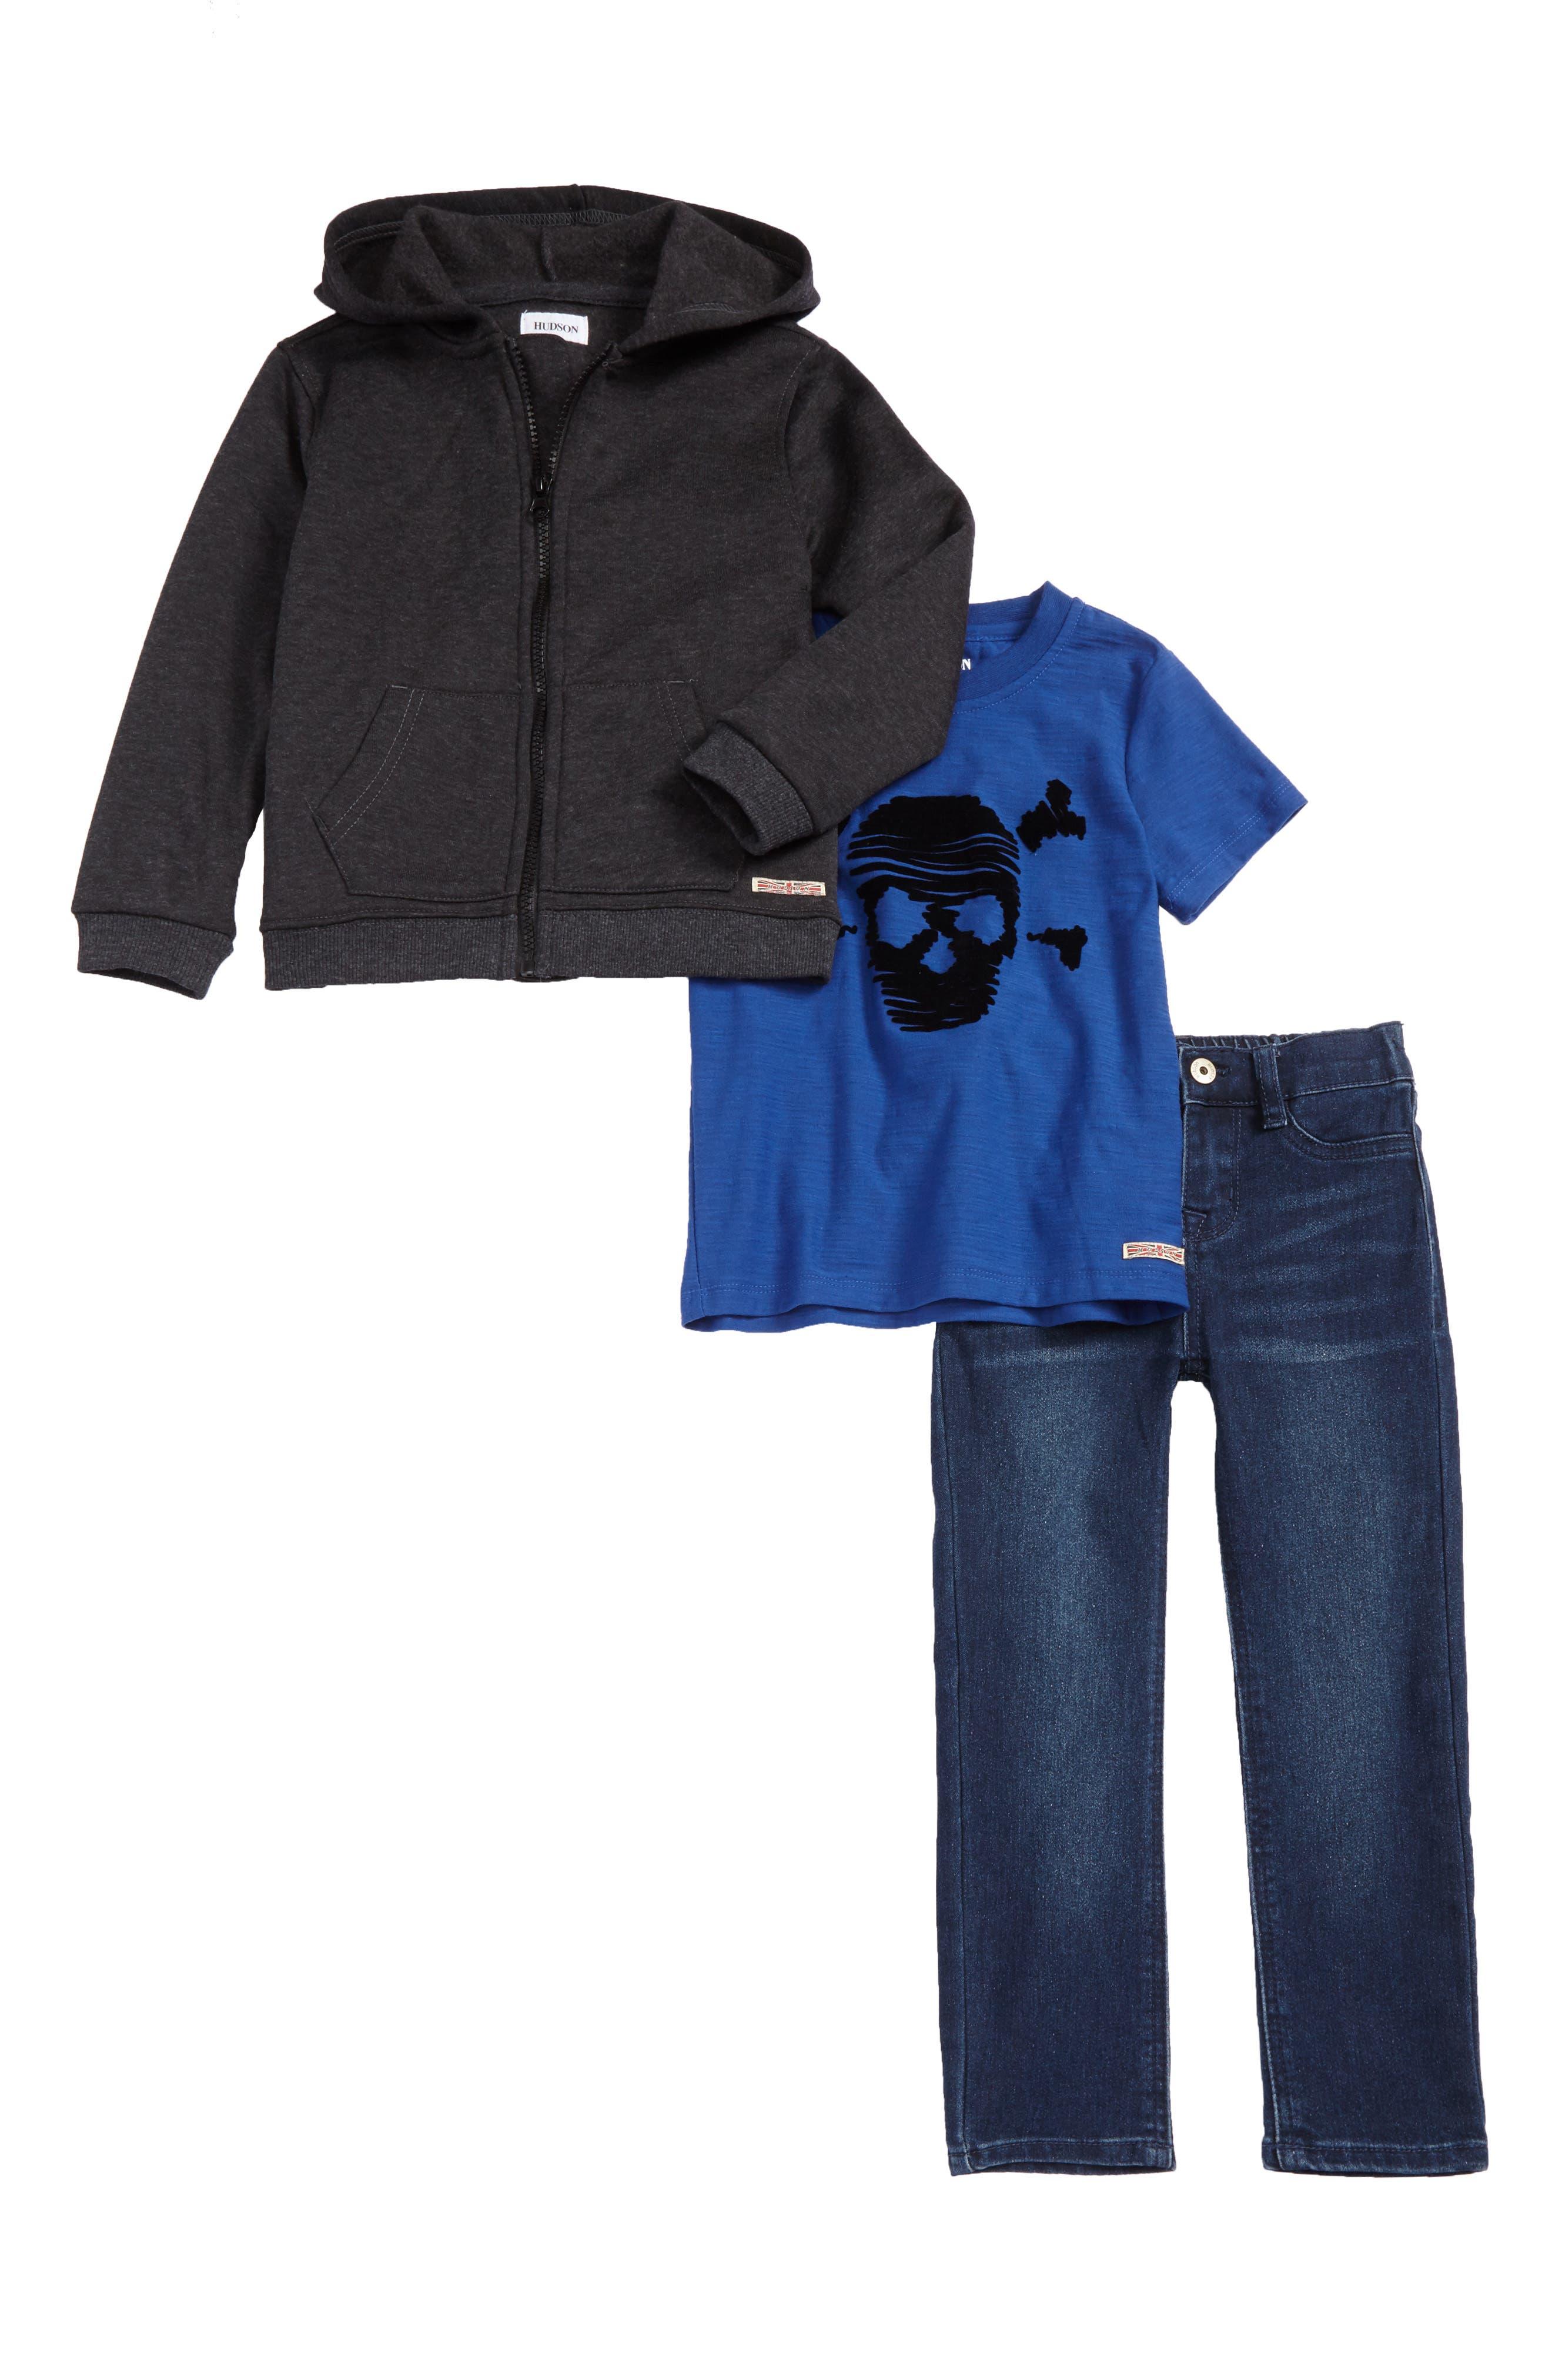 Main Image - Hudson Kids Shirt, Hoodie & Jeans Set (Toddler Boys)